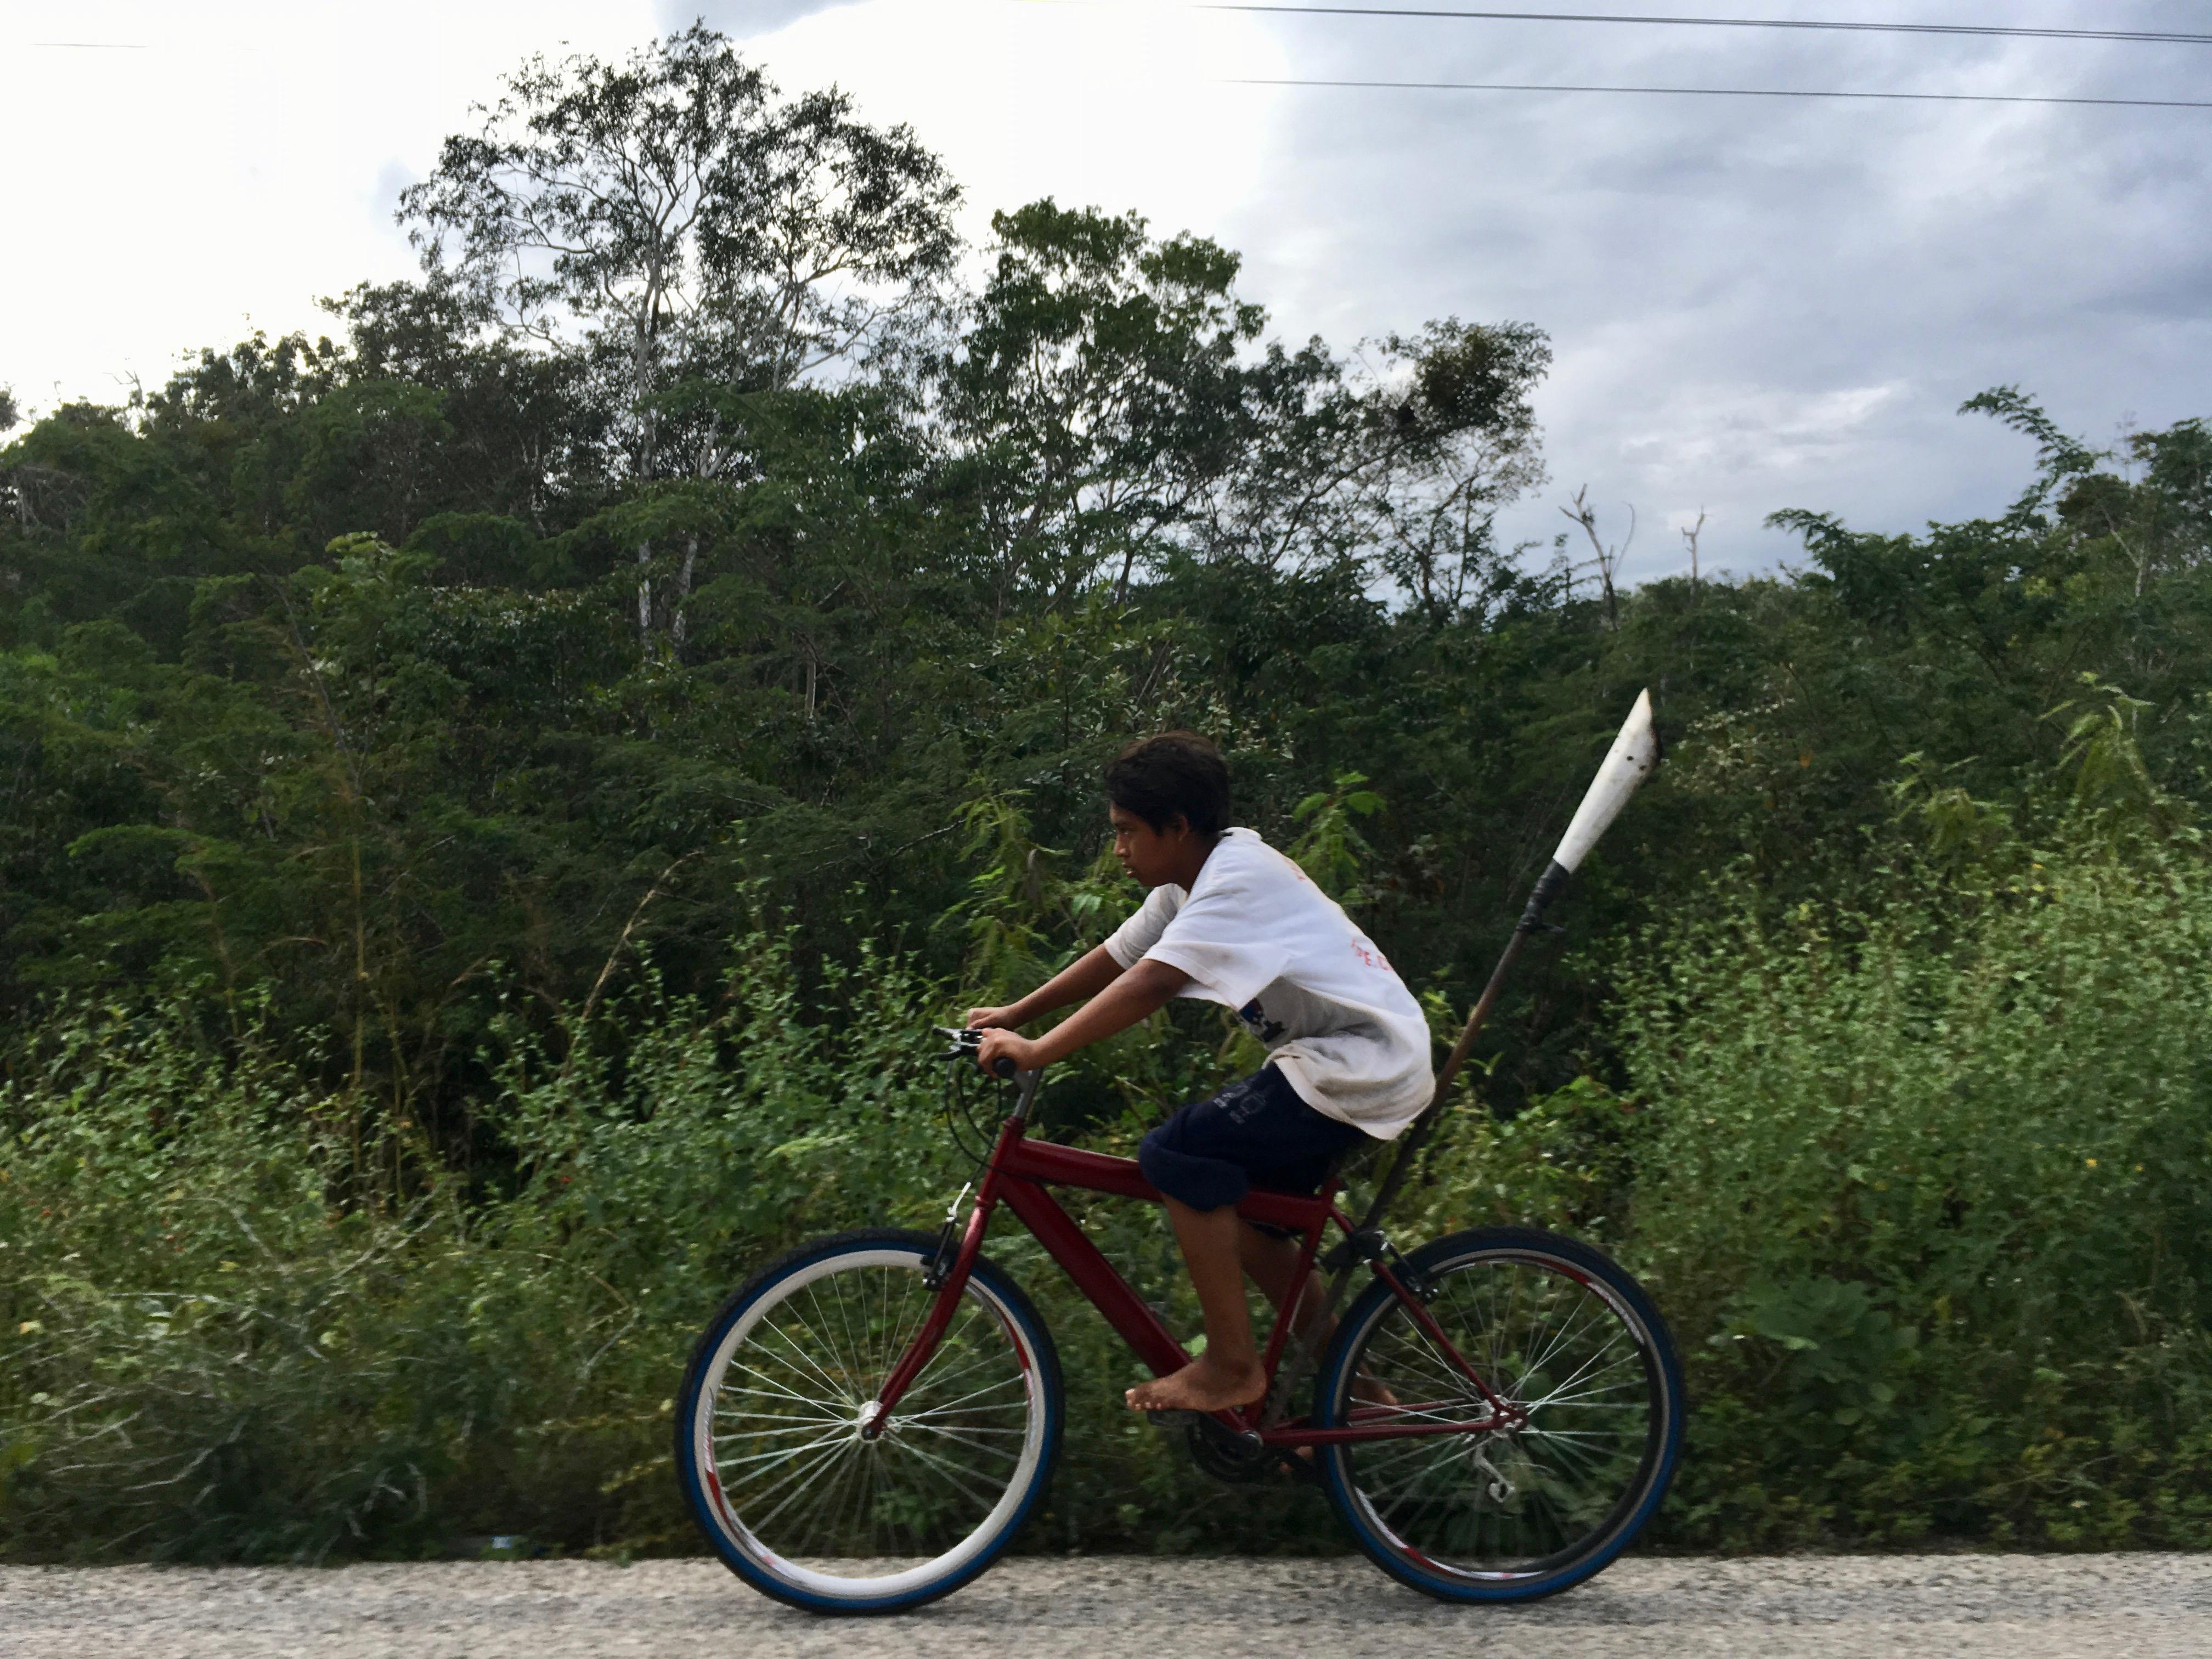 Campeche, Península de Yucatán. 2019